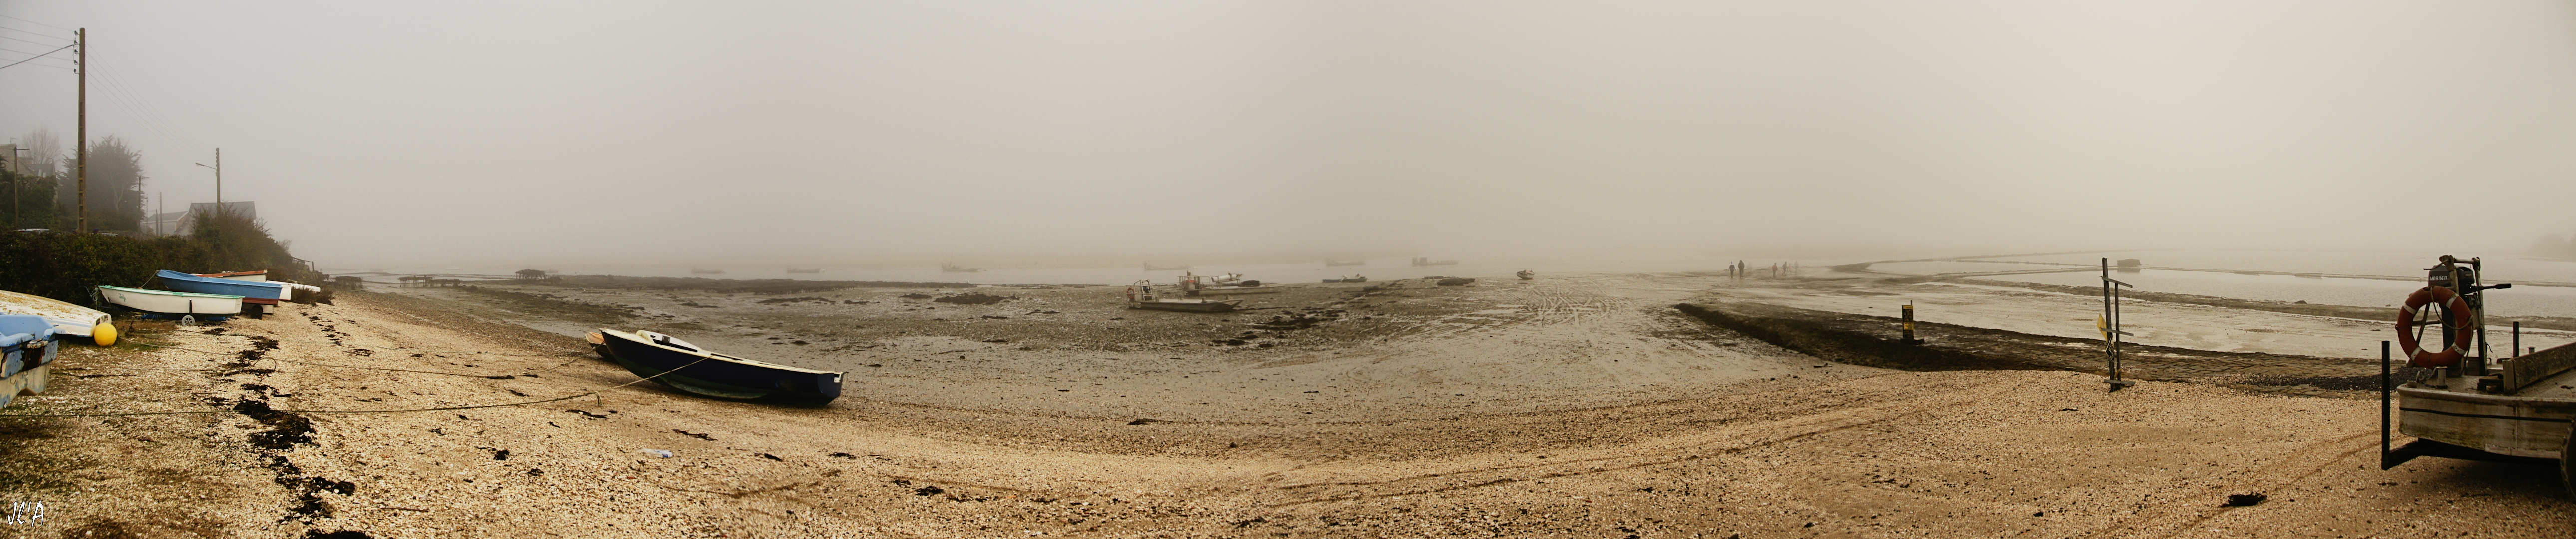 b62-A24491-91à94 Panorama traict sous la brume